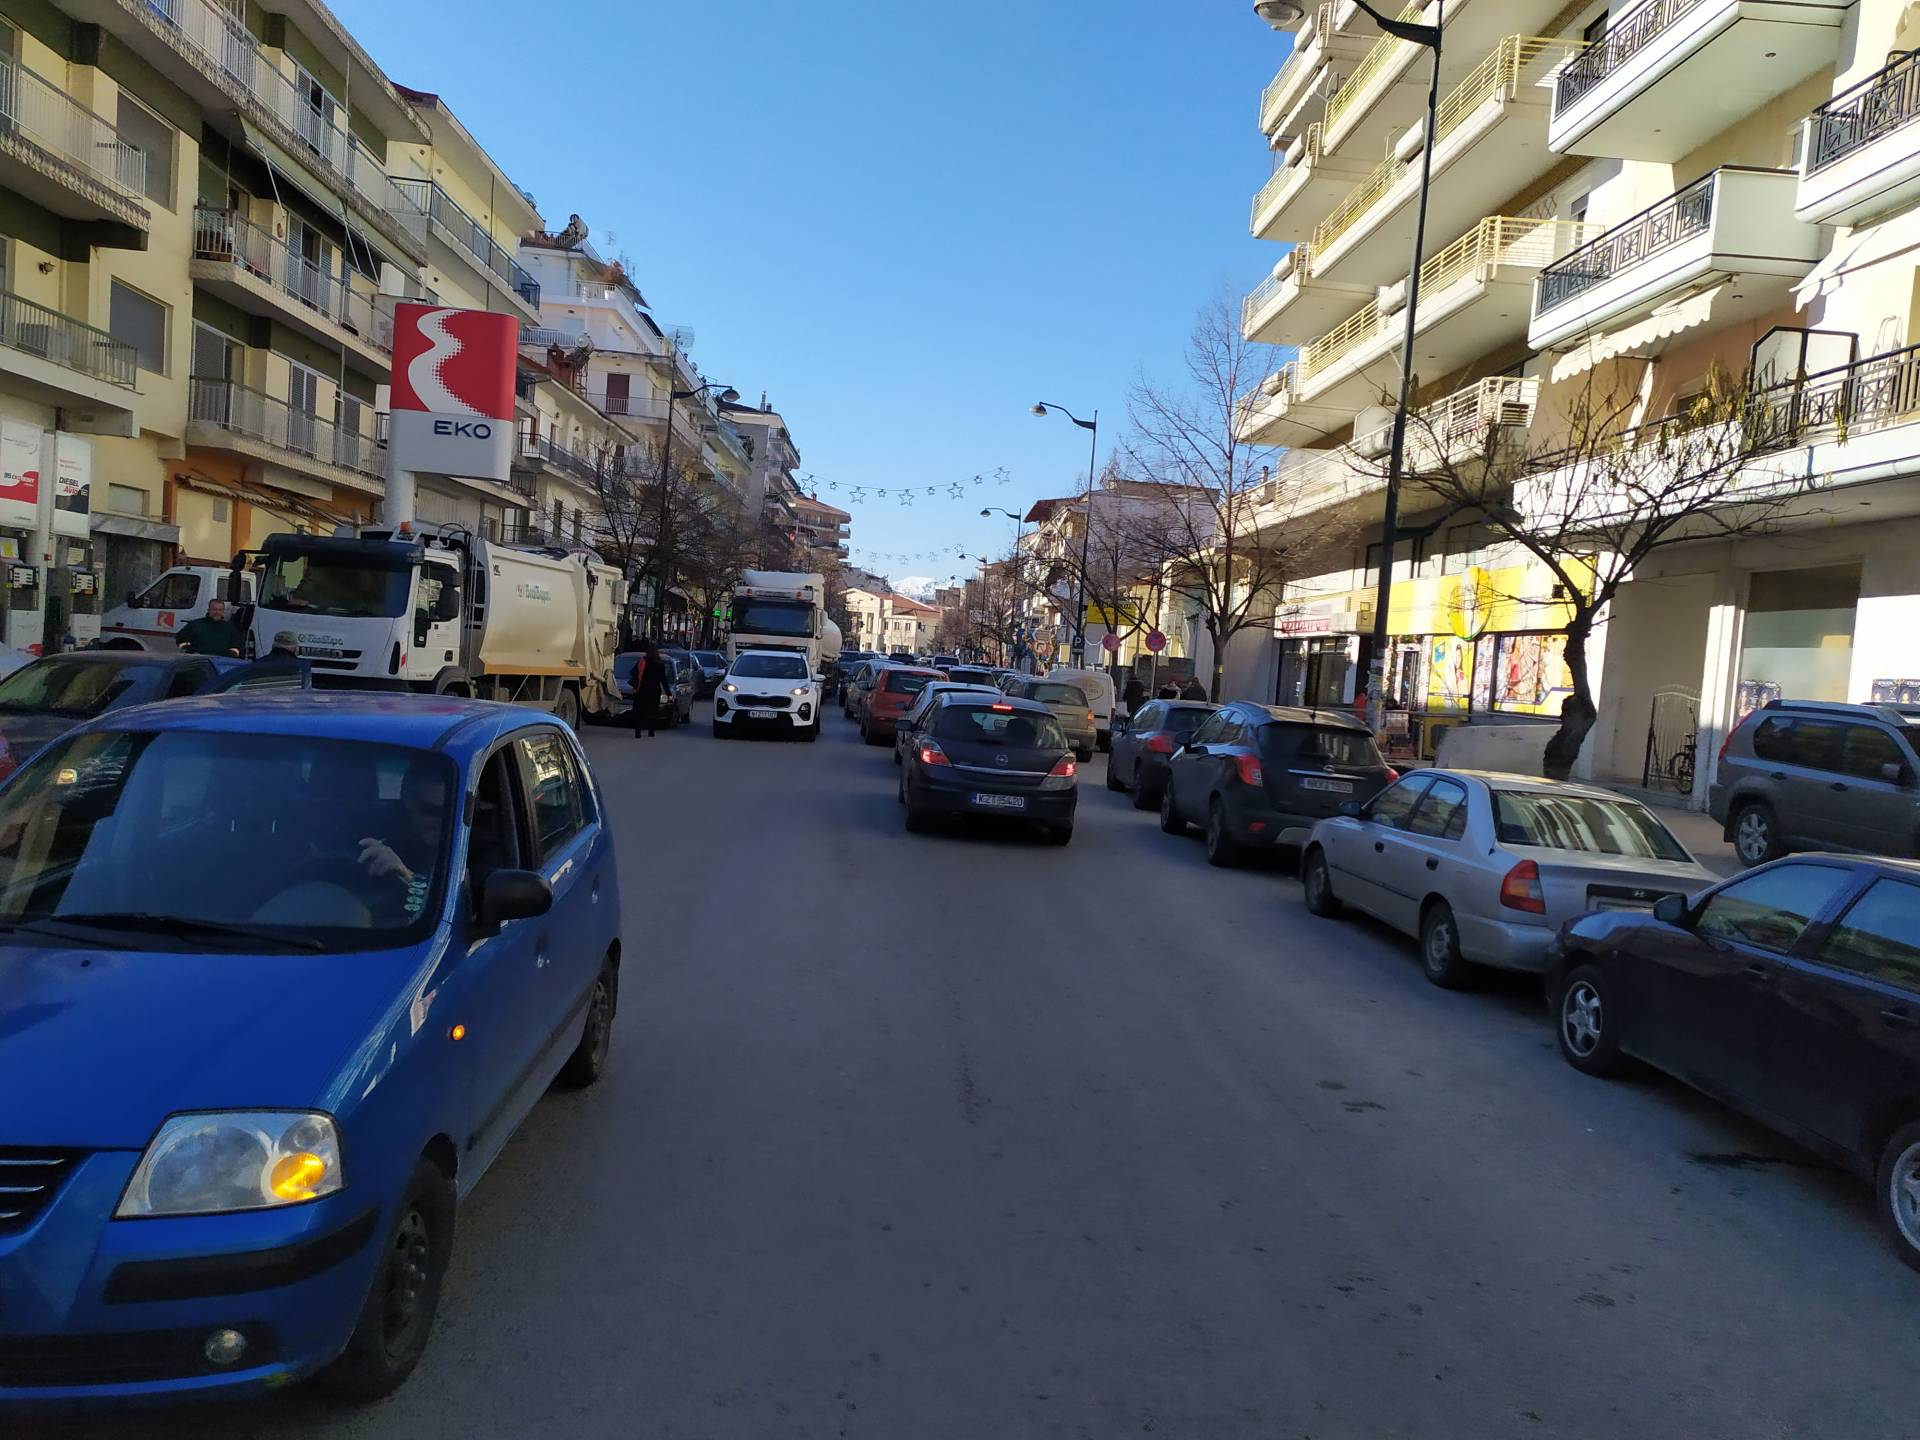 Σχόλιο: Το χάος στην Κωνσταντίνου Ταλιαδούρη συνεχίζεται